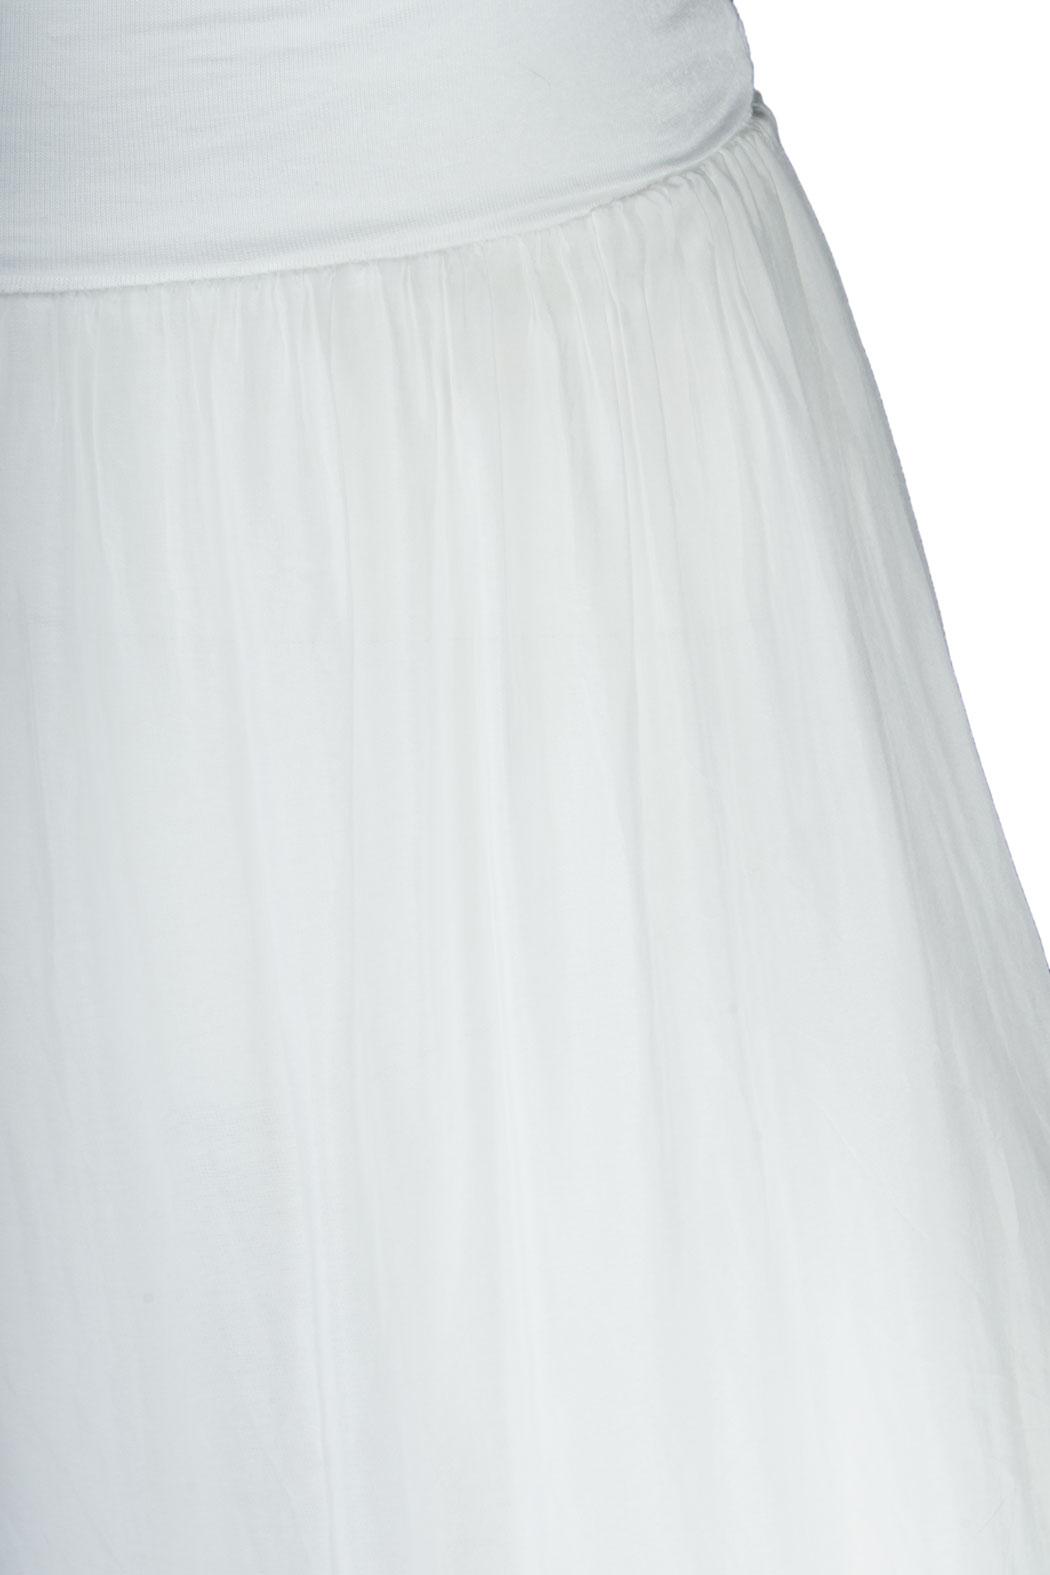 Damen Maxirock Langer Rock aus Seide mit Unterteil Weiß 40 42 44, 34,90 € 5b8a719df8